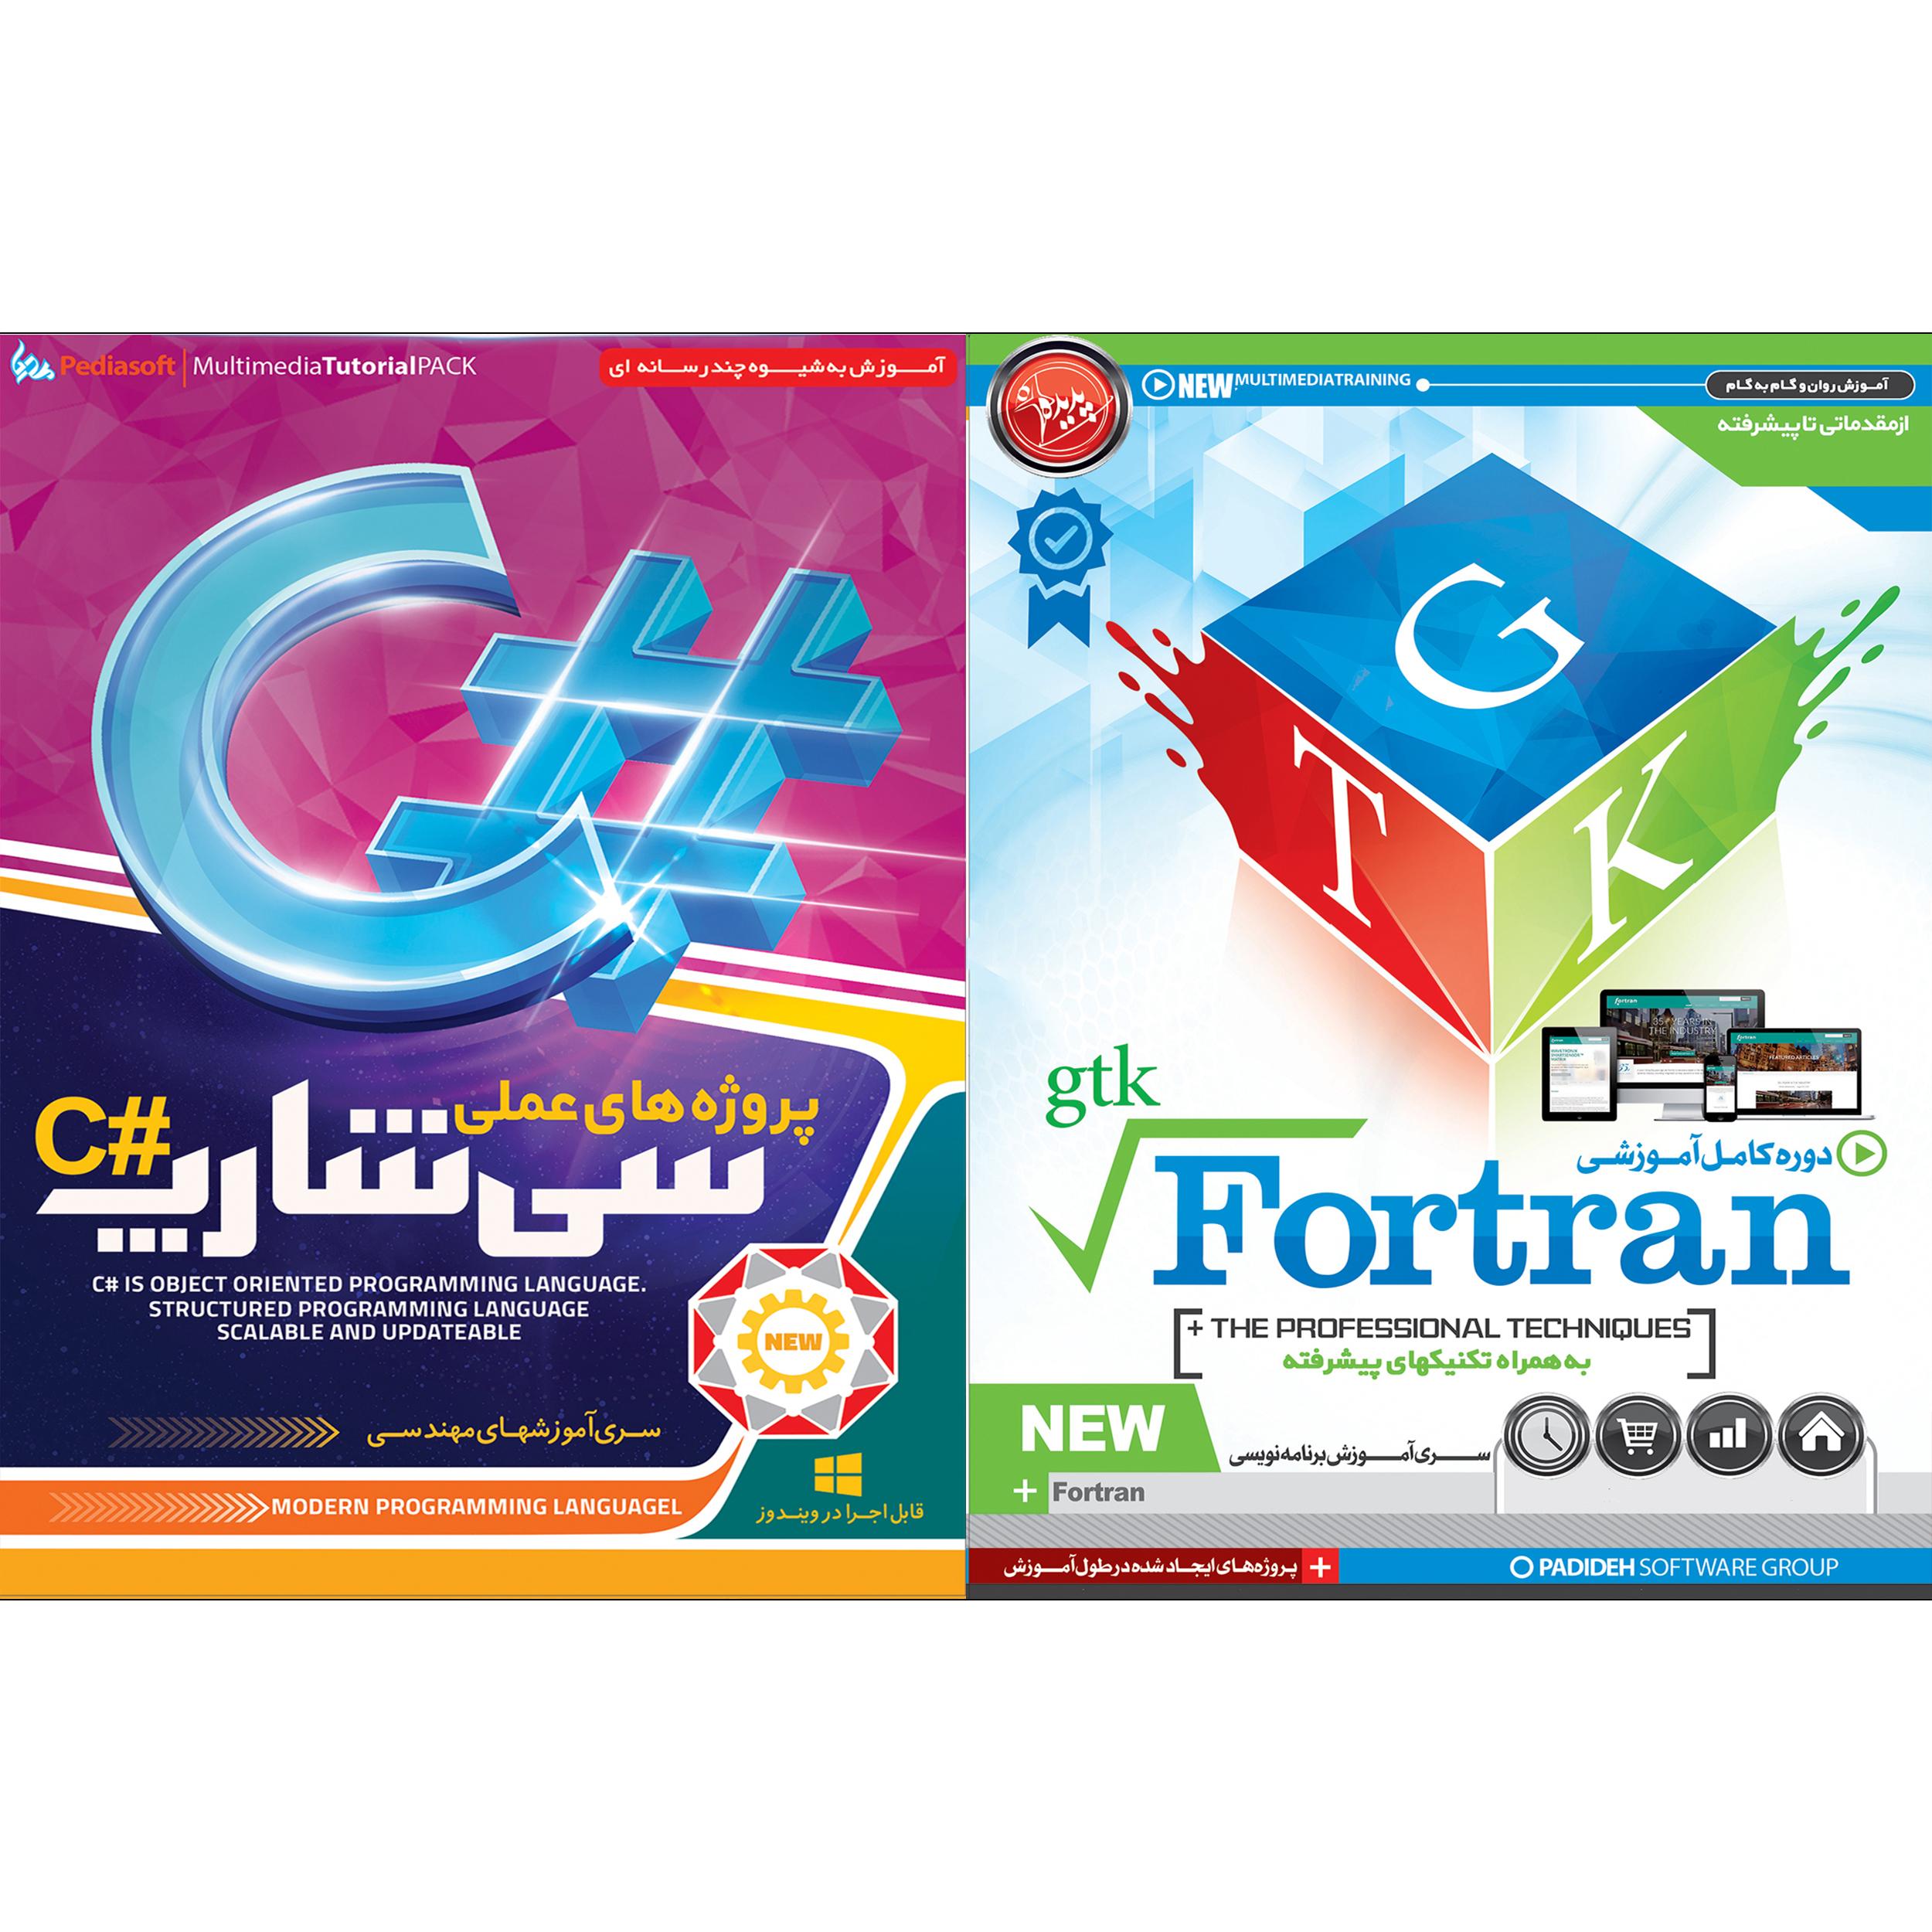 نرم افزار آموزش FORTRAN نشر پدیده به همراه نرم افزار آموزش پروژه های عملی سی شارپ #C نشر پدیا سافت